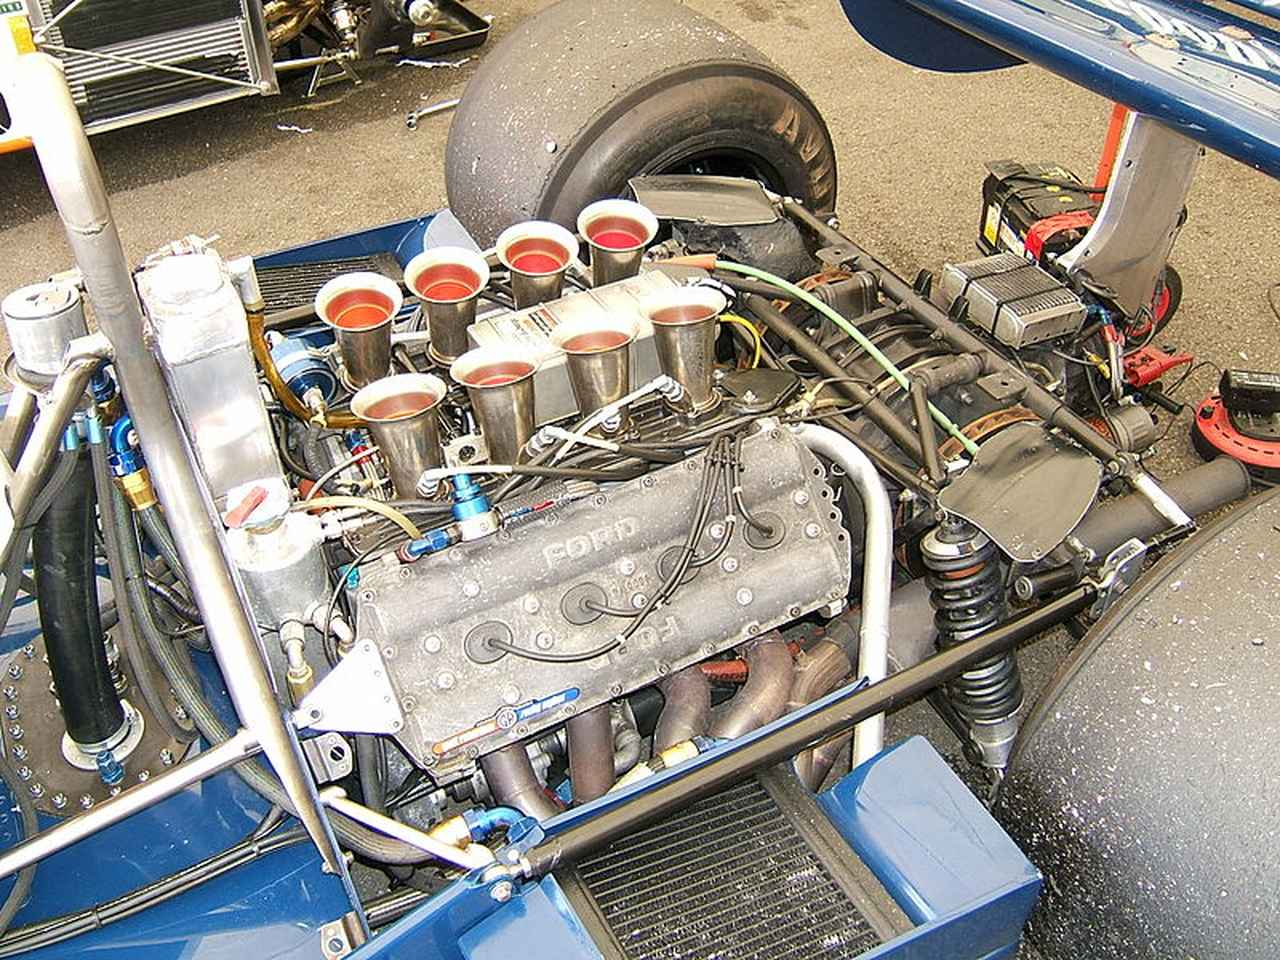 画像: 1978年型ティレル008に搭載されたコスワースDFVエンジン。なおギアボックスはヒューランド製です。 en.wikipedia.org